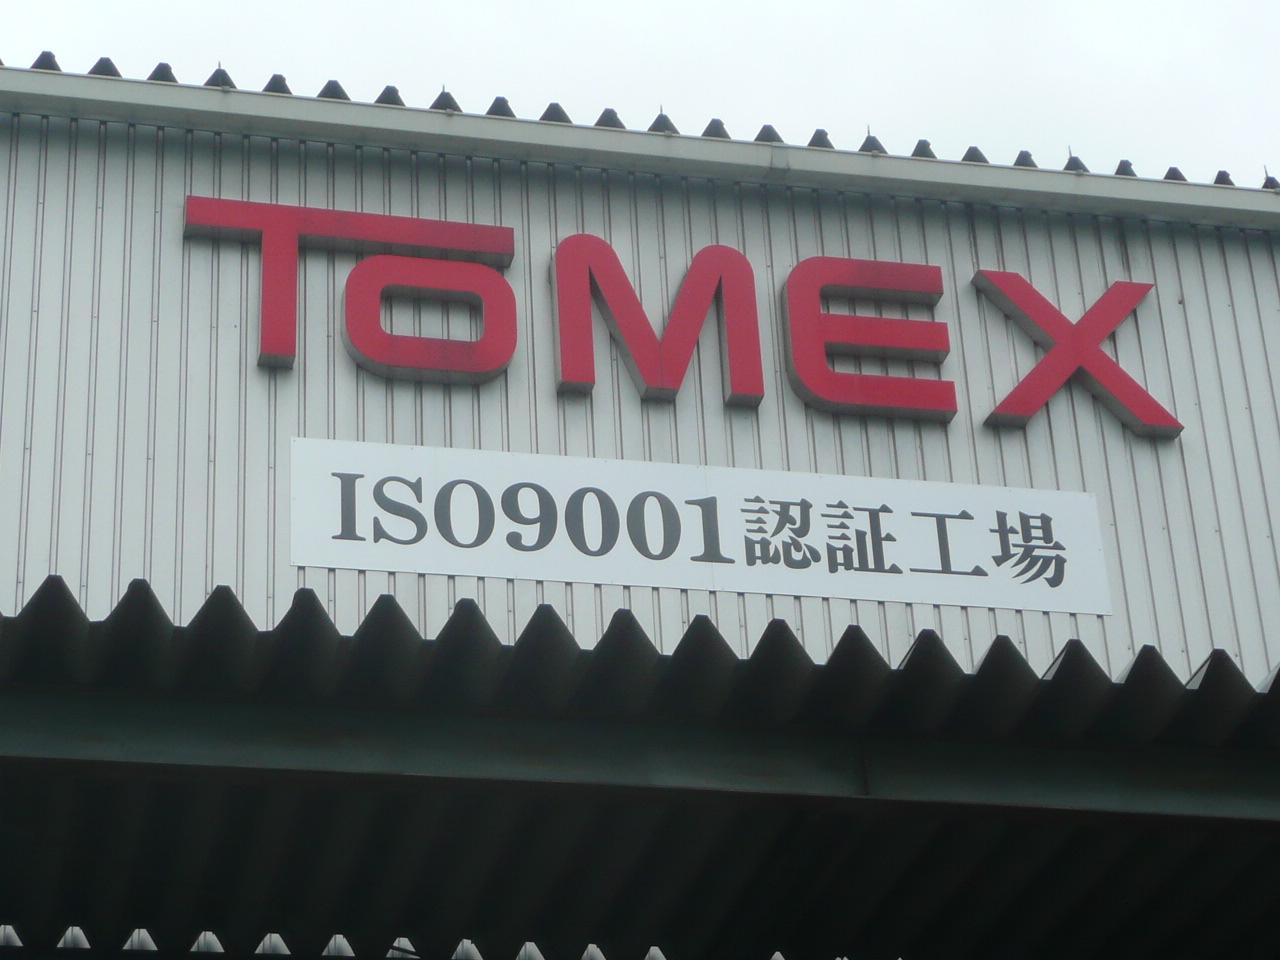 一貫生産体制 板金加工から焼付塗装、組立て 経費・運送費削減 - TOMOE ...